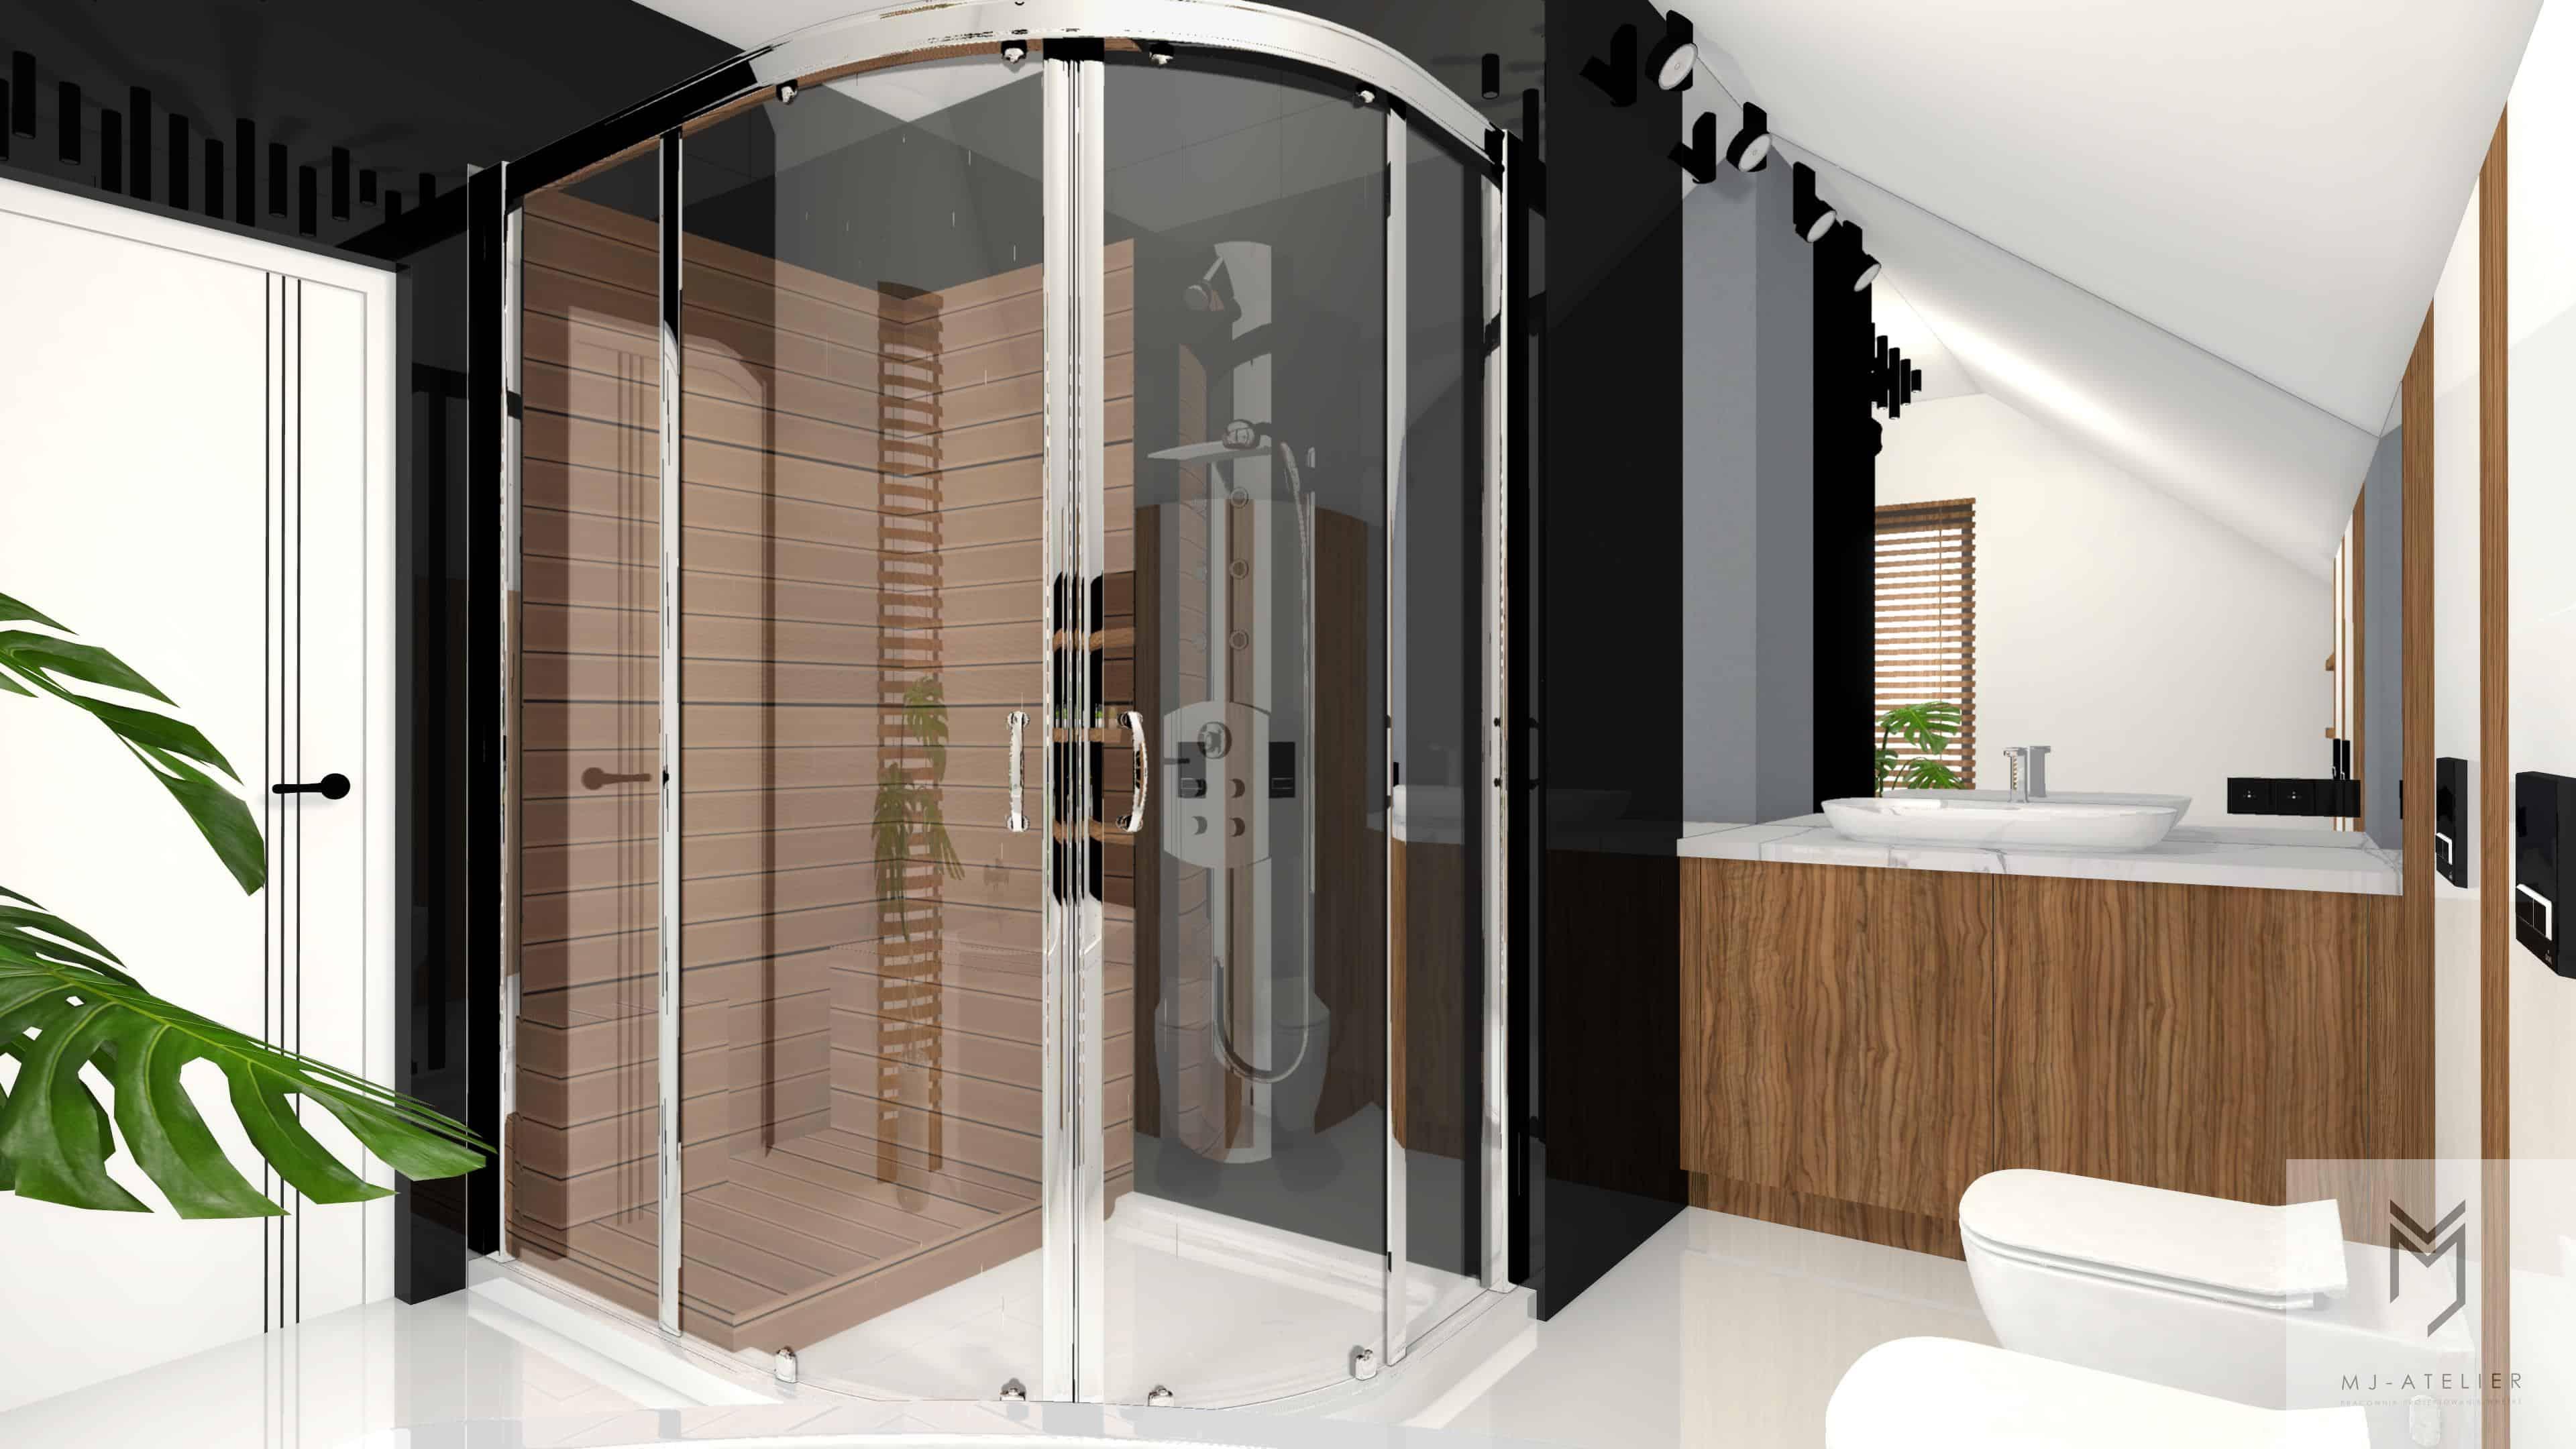 Łazienka z odważną podłogą   MJ Atelier